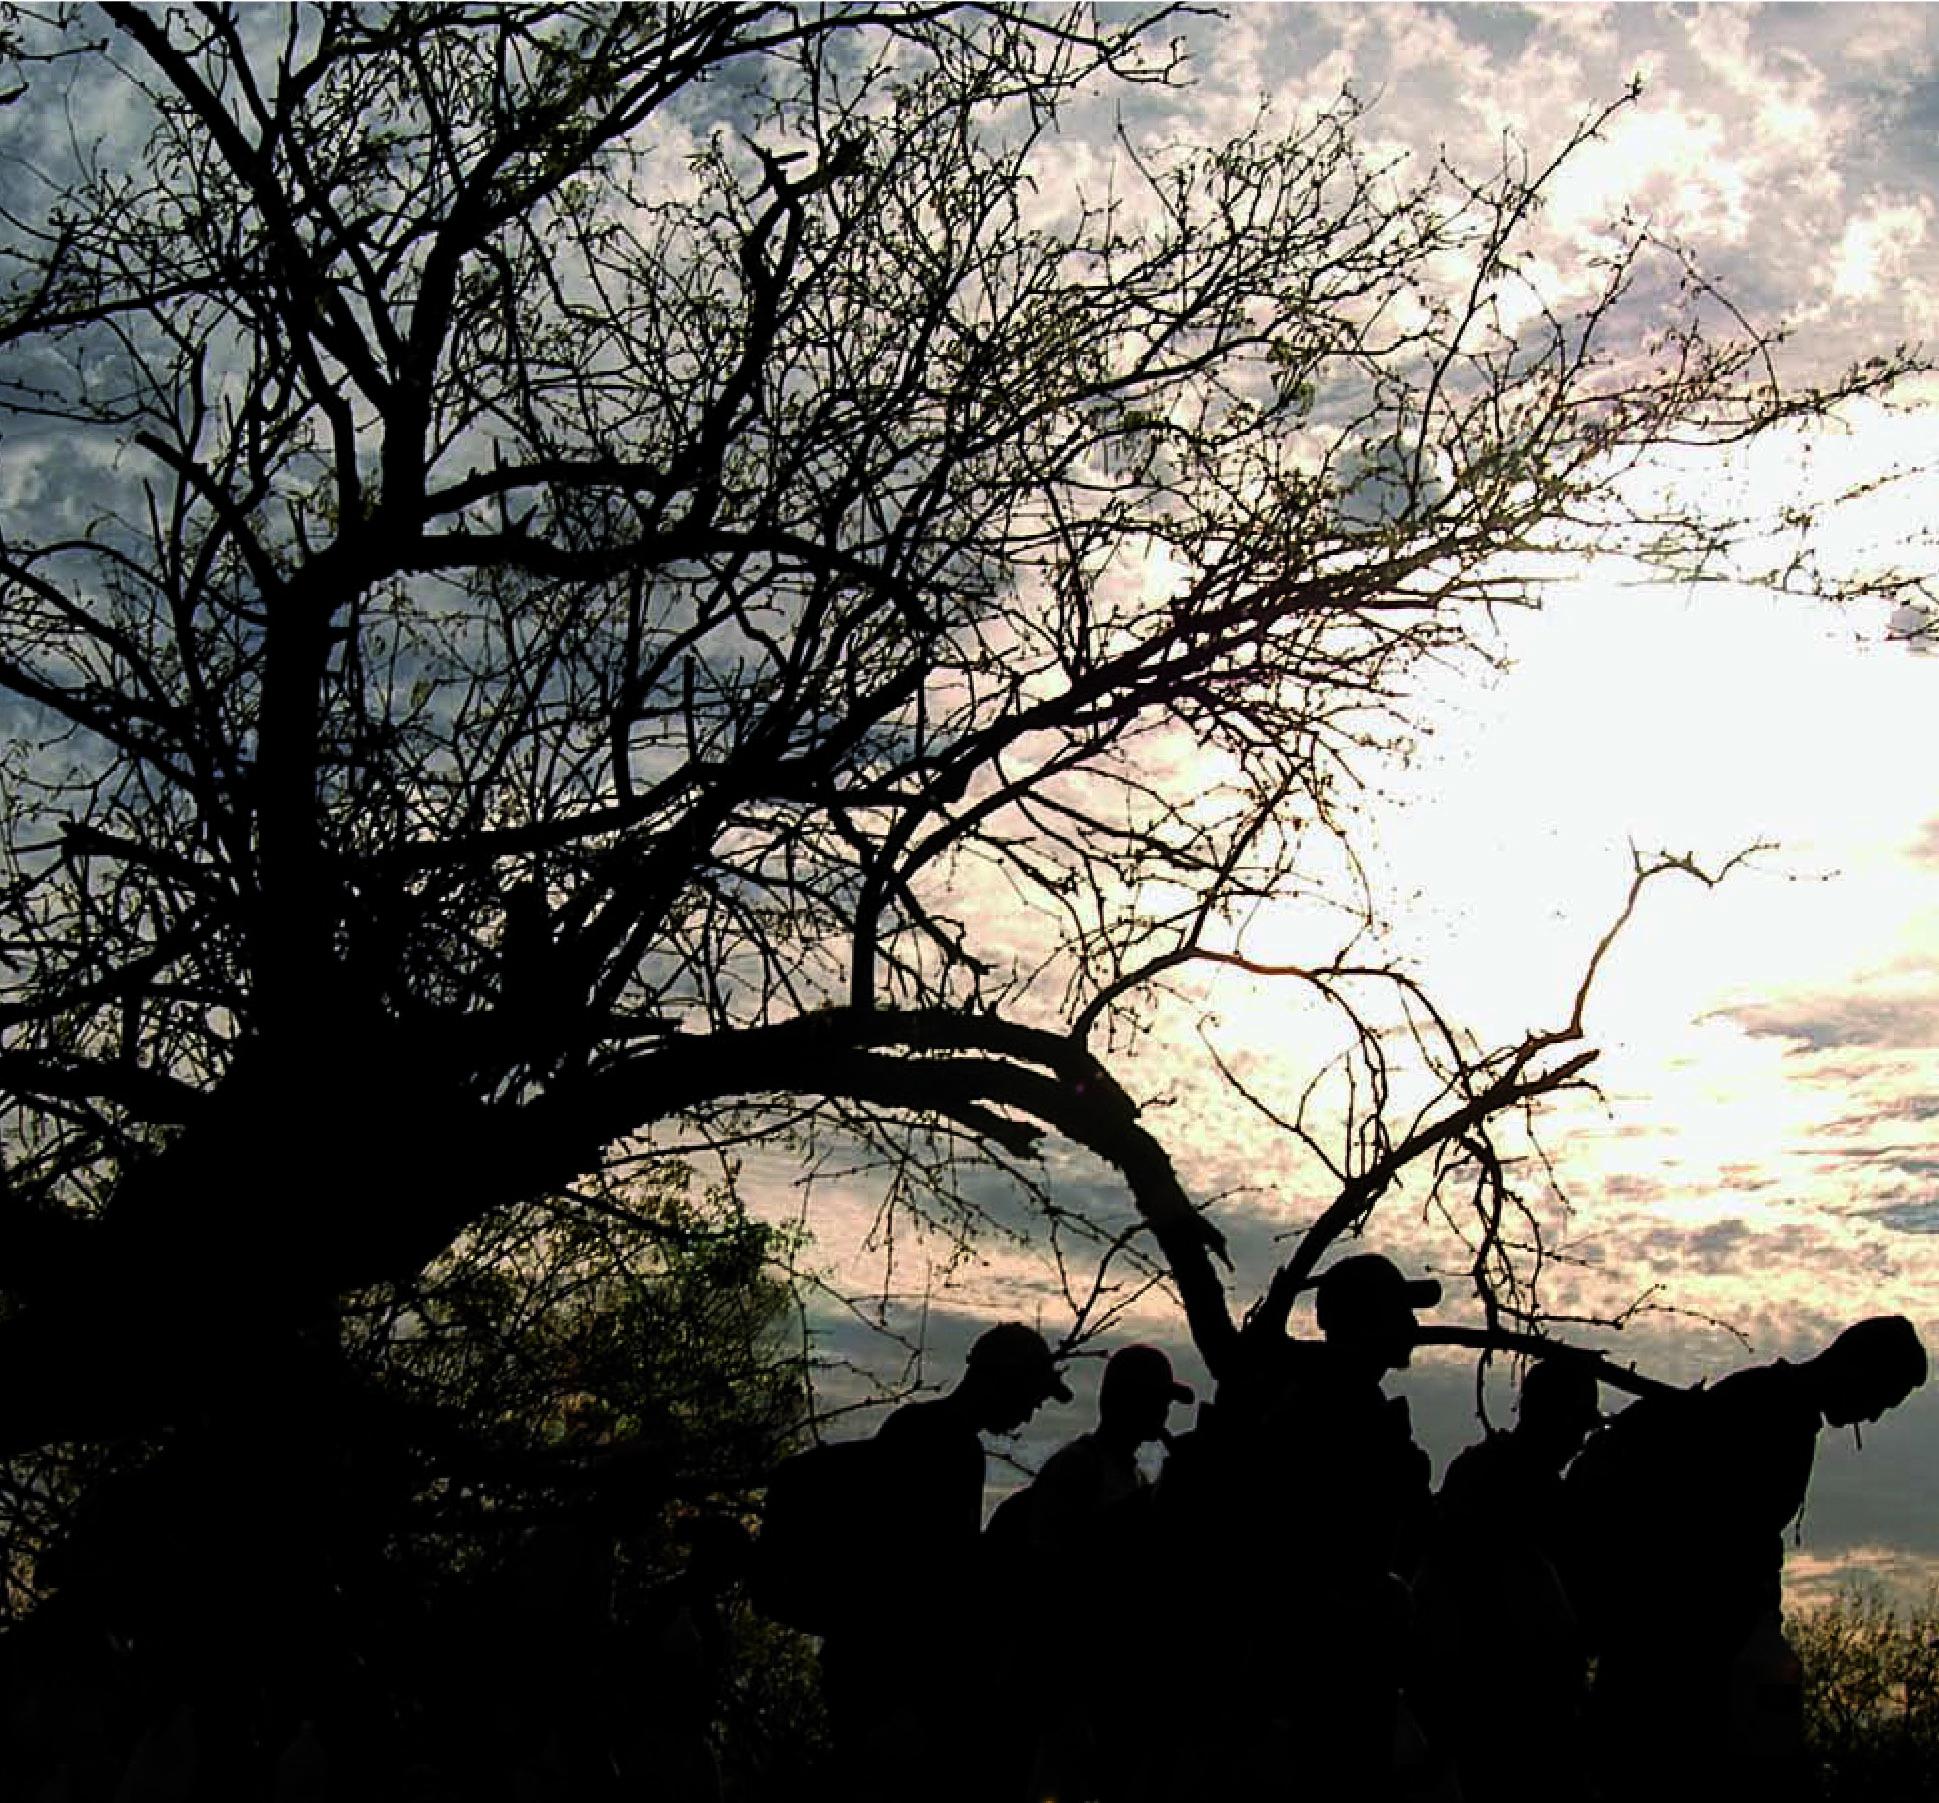 Migrantes a la sombra de un árbol sin hojas